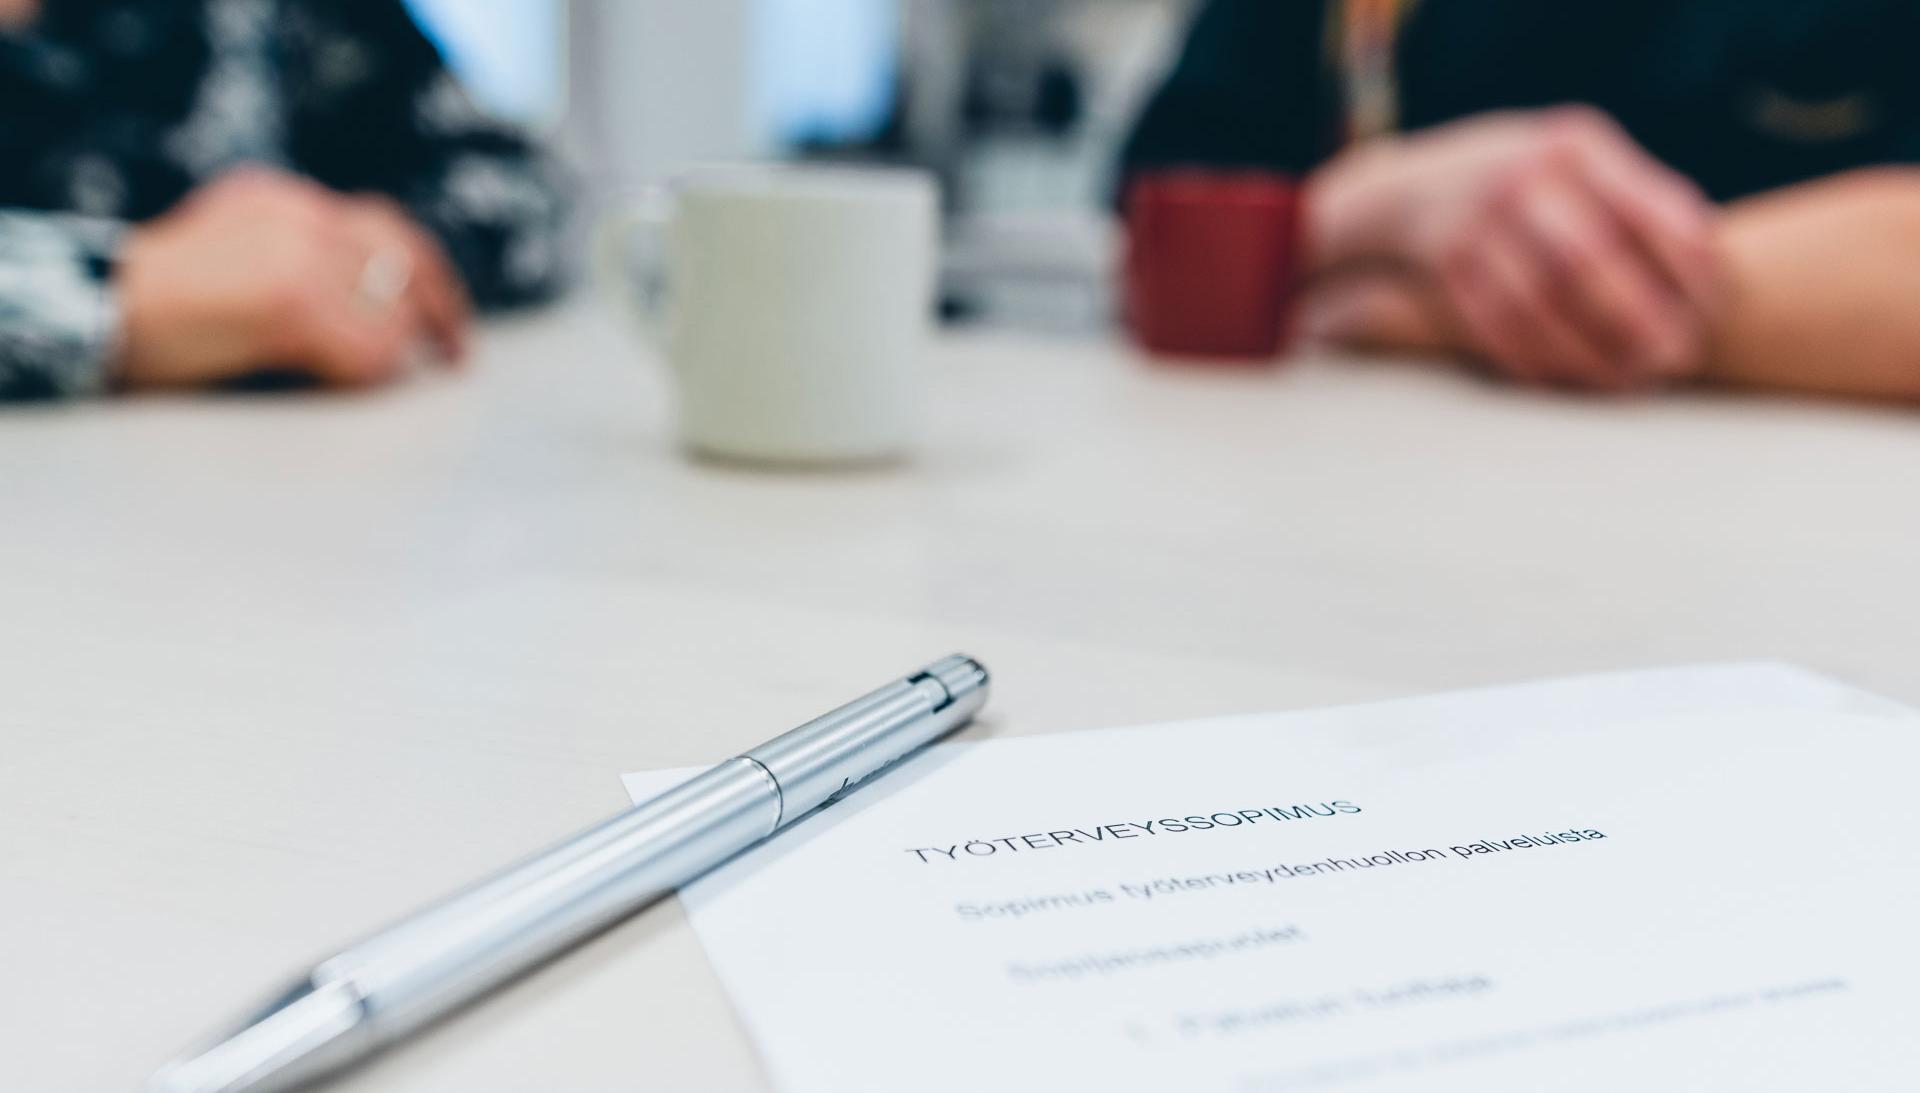 Pöydällä on sopimuspaperi ja kynä sekä taustalla kaksi ihmistä edessään kahvikupit.